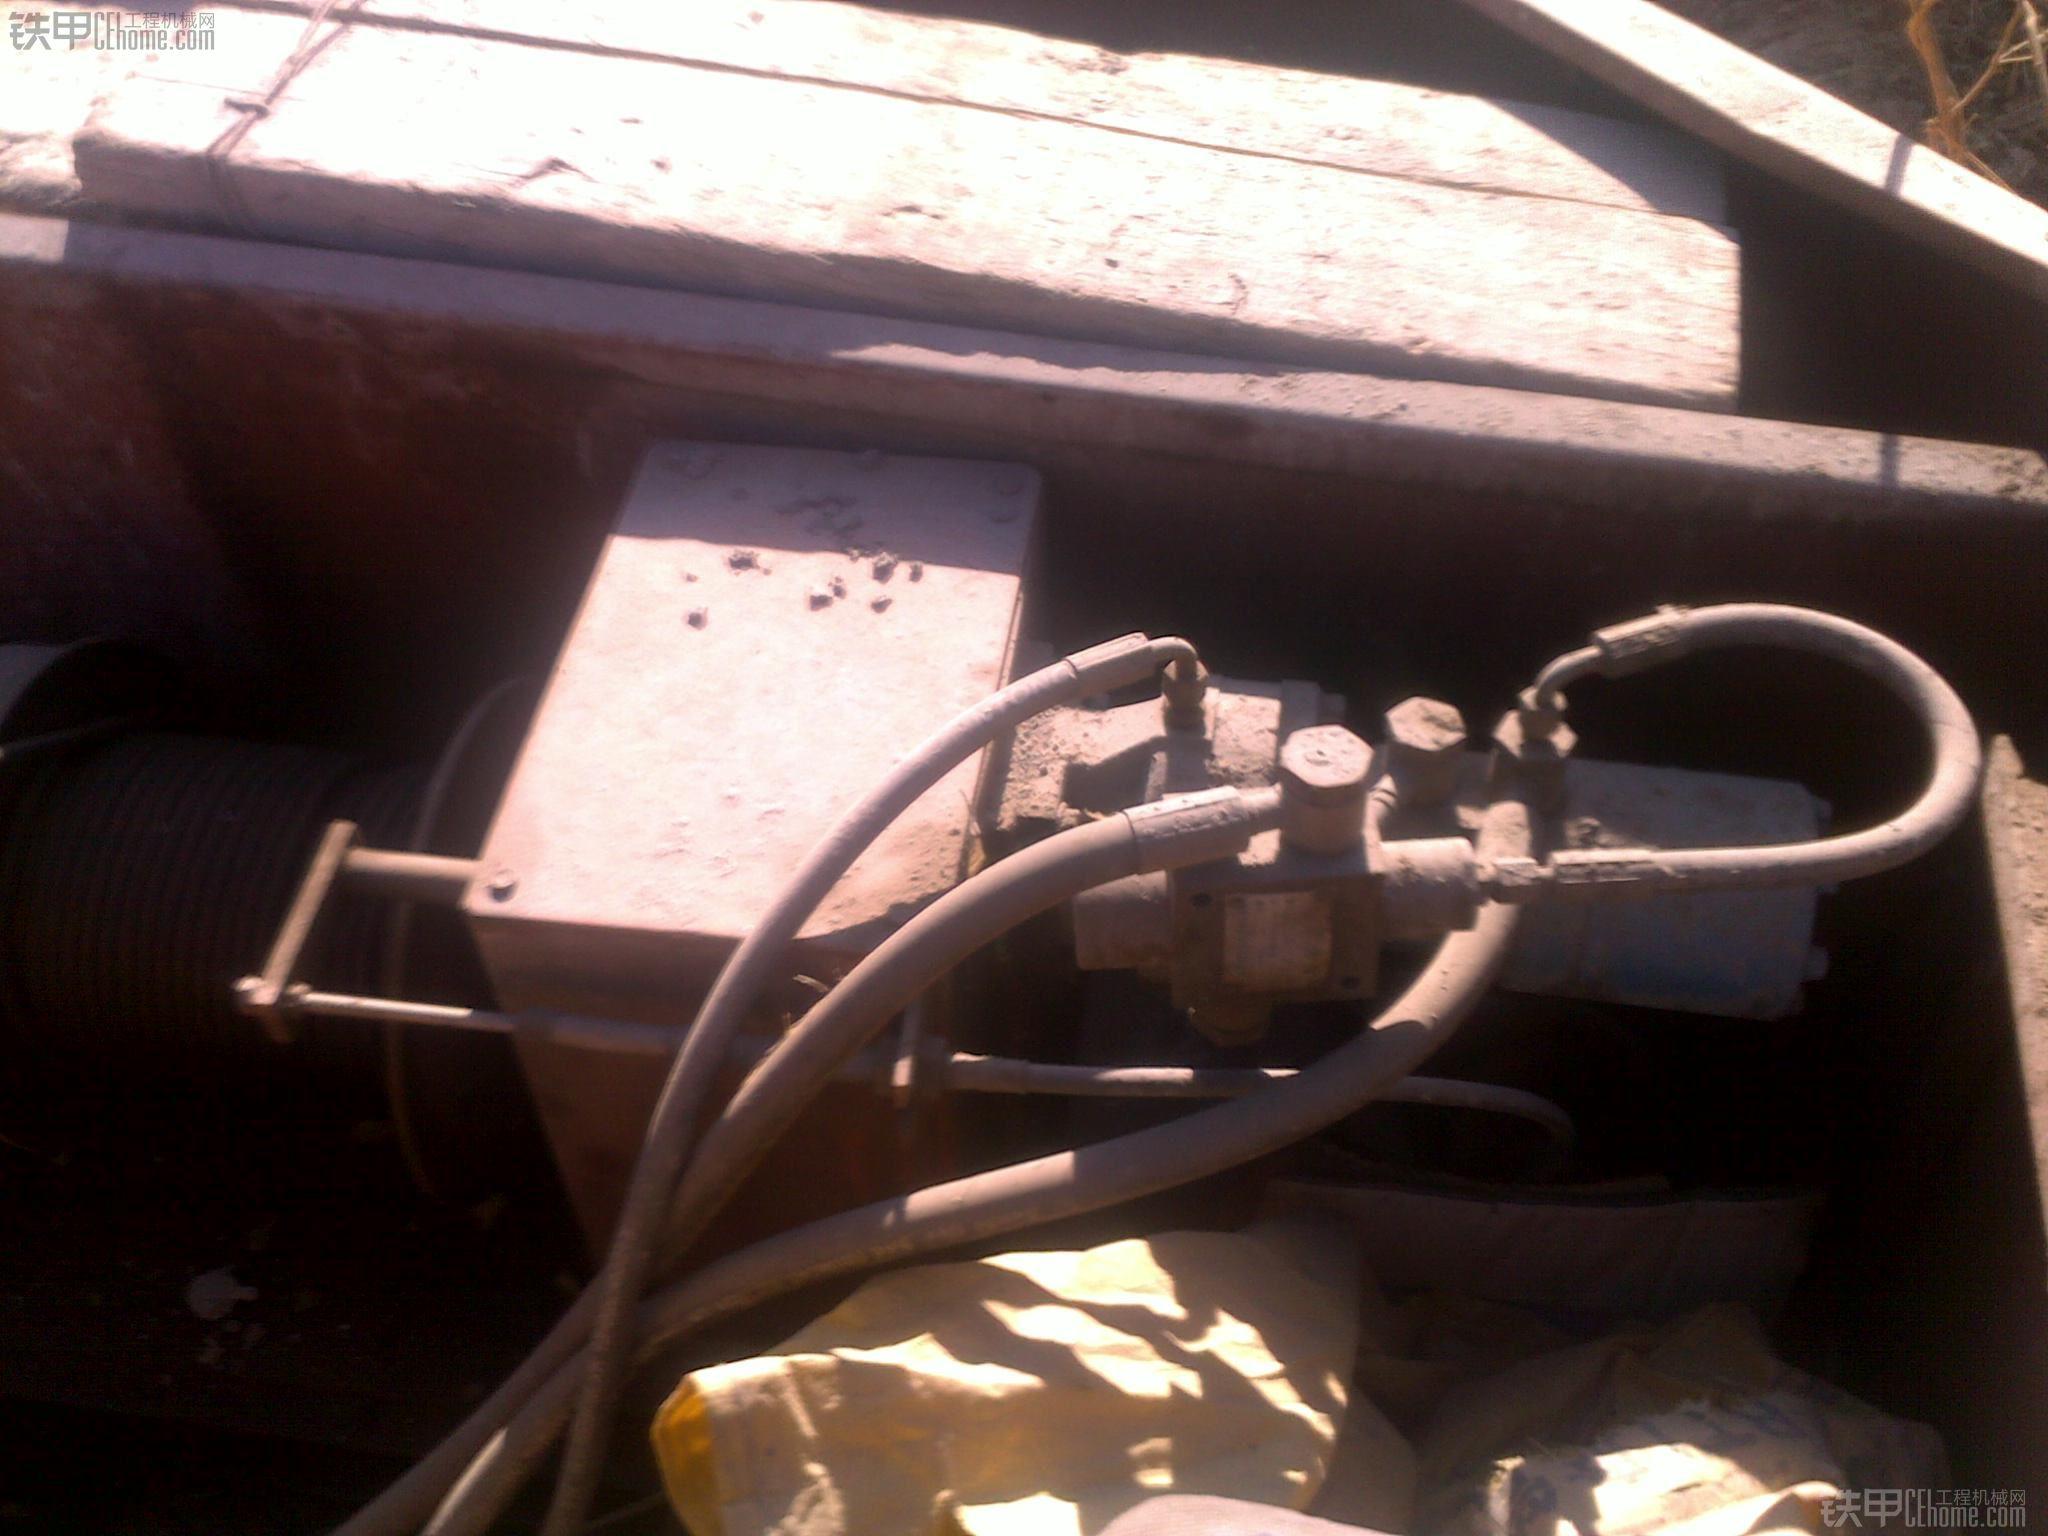 地大物博,感叹!展现国人聪明才智的油电混合动力小吊车